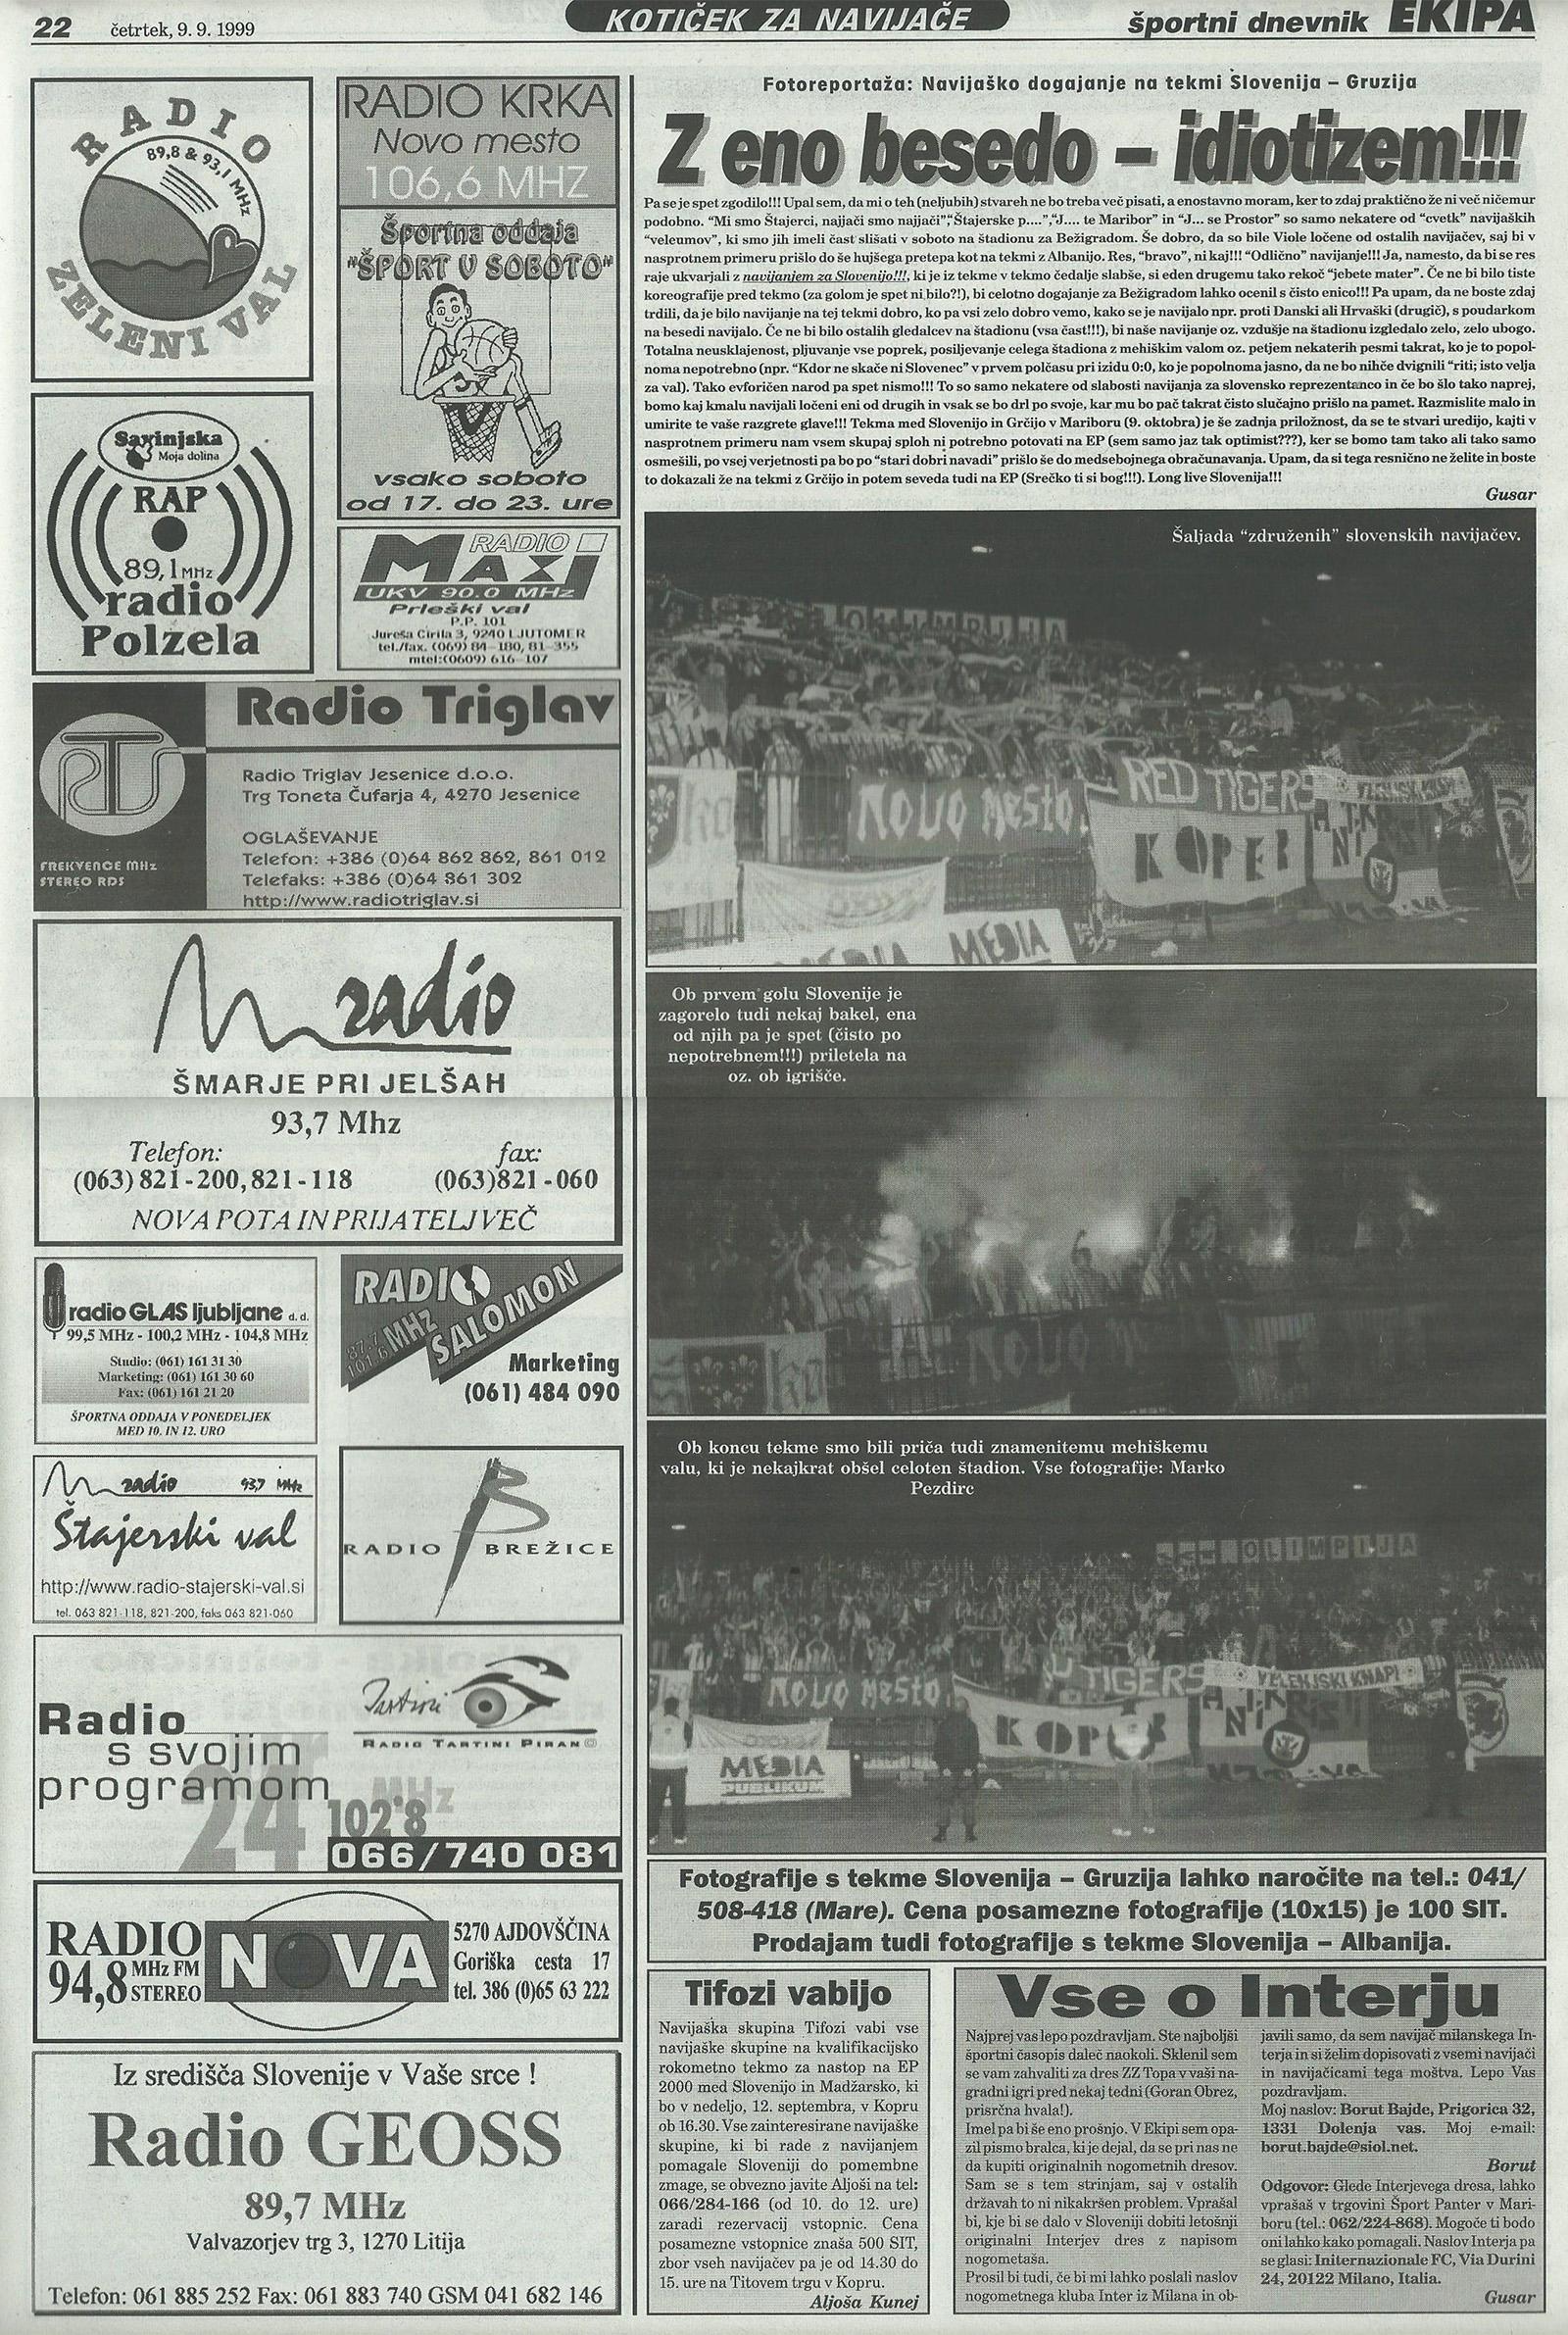 KZN_9-9-1999_1600px